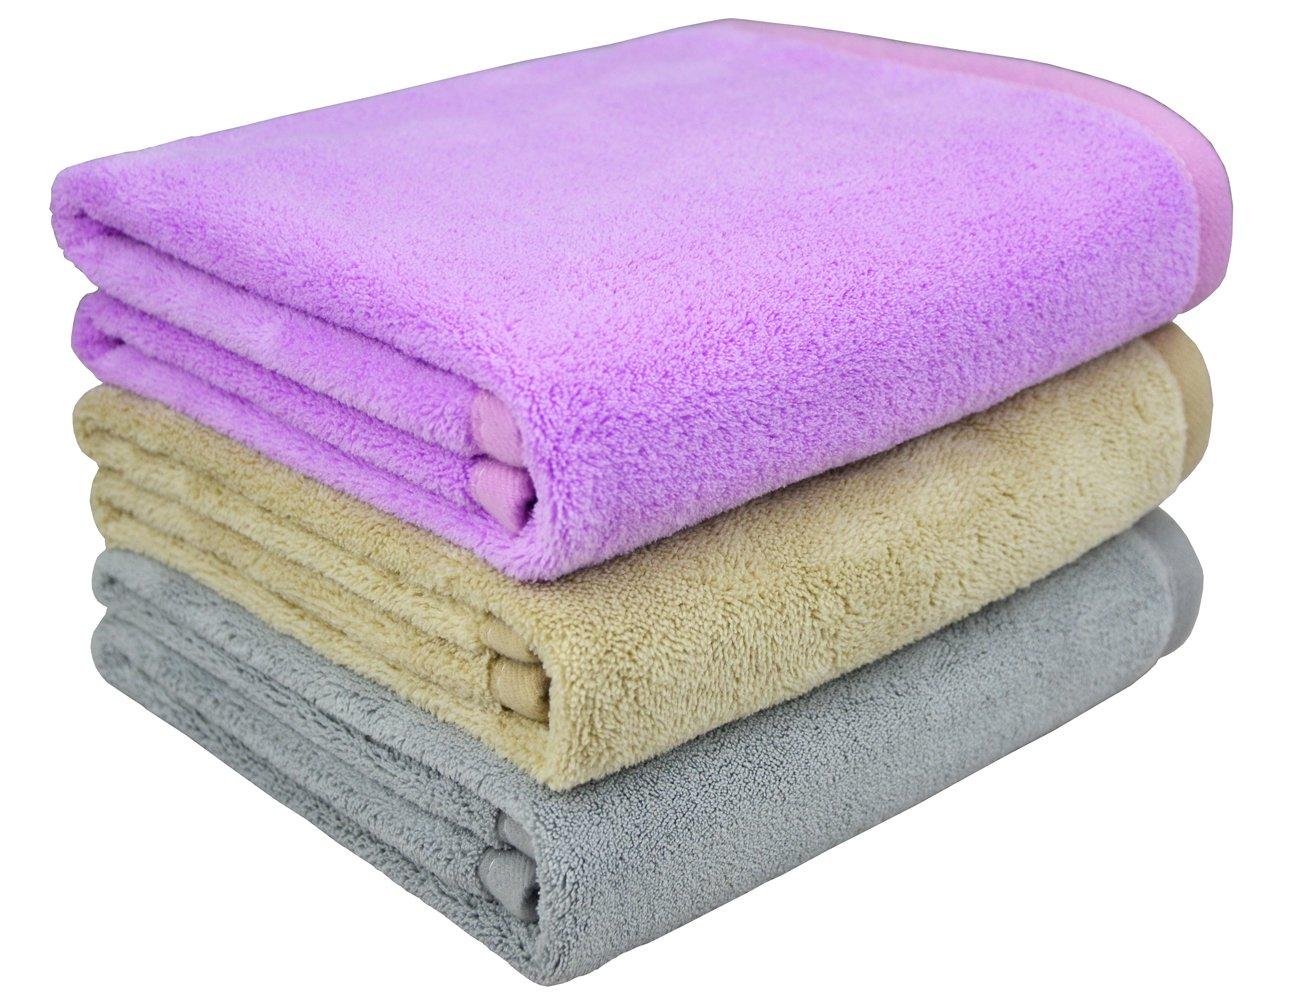 Mayouth anti-frizz super assorbente asciugamano in microfibra capelli asciugatura rapida teli da bagno per capelli lunghi e spessi, khaki 3-pack, 40cmX80cm